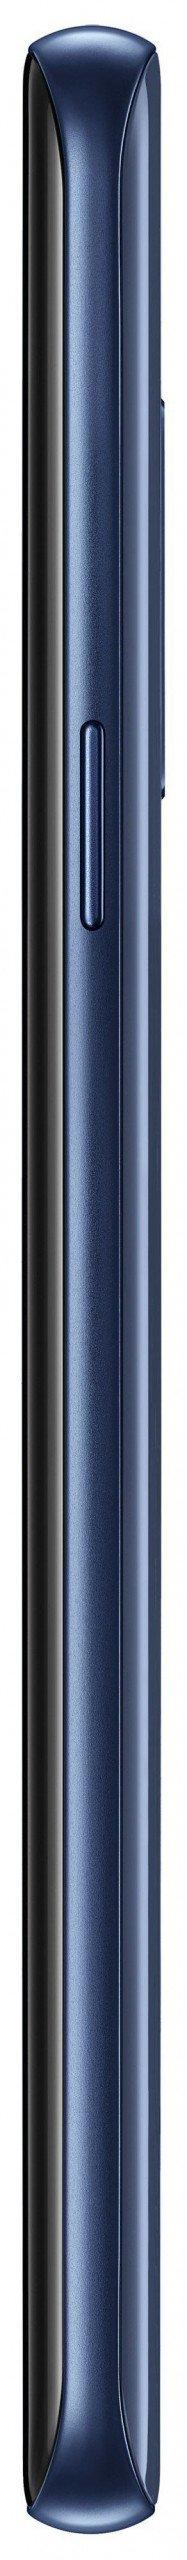 Samsung Galaxy S9 ve Galaxy S9+ Tasarımı